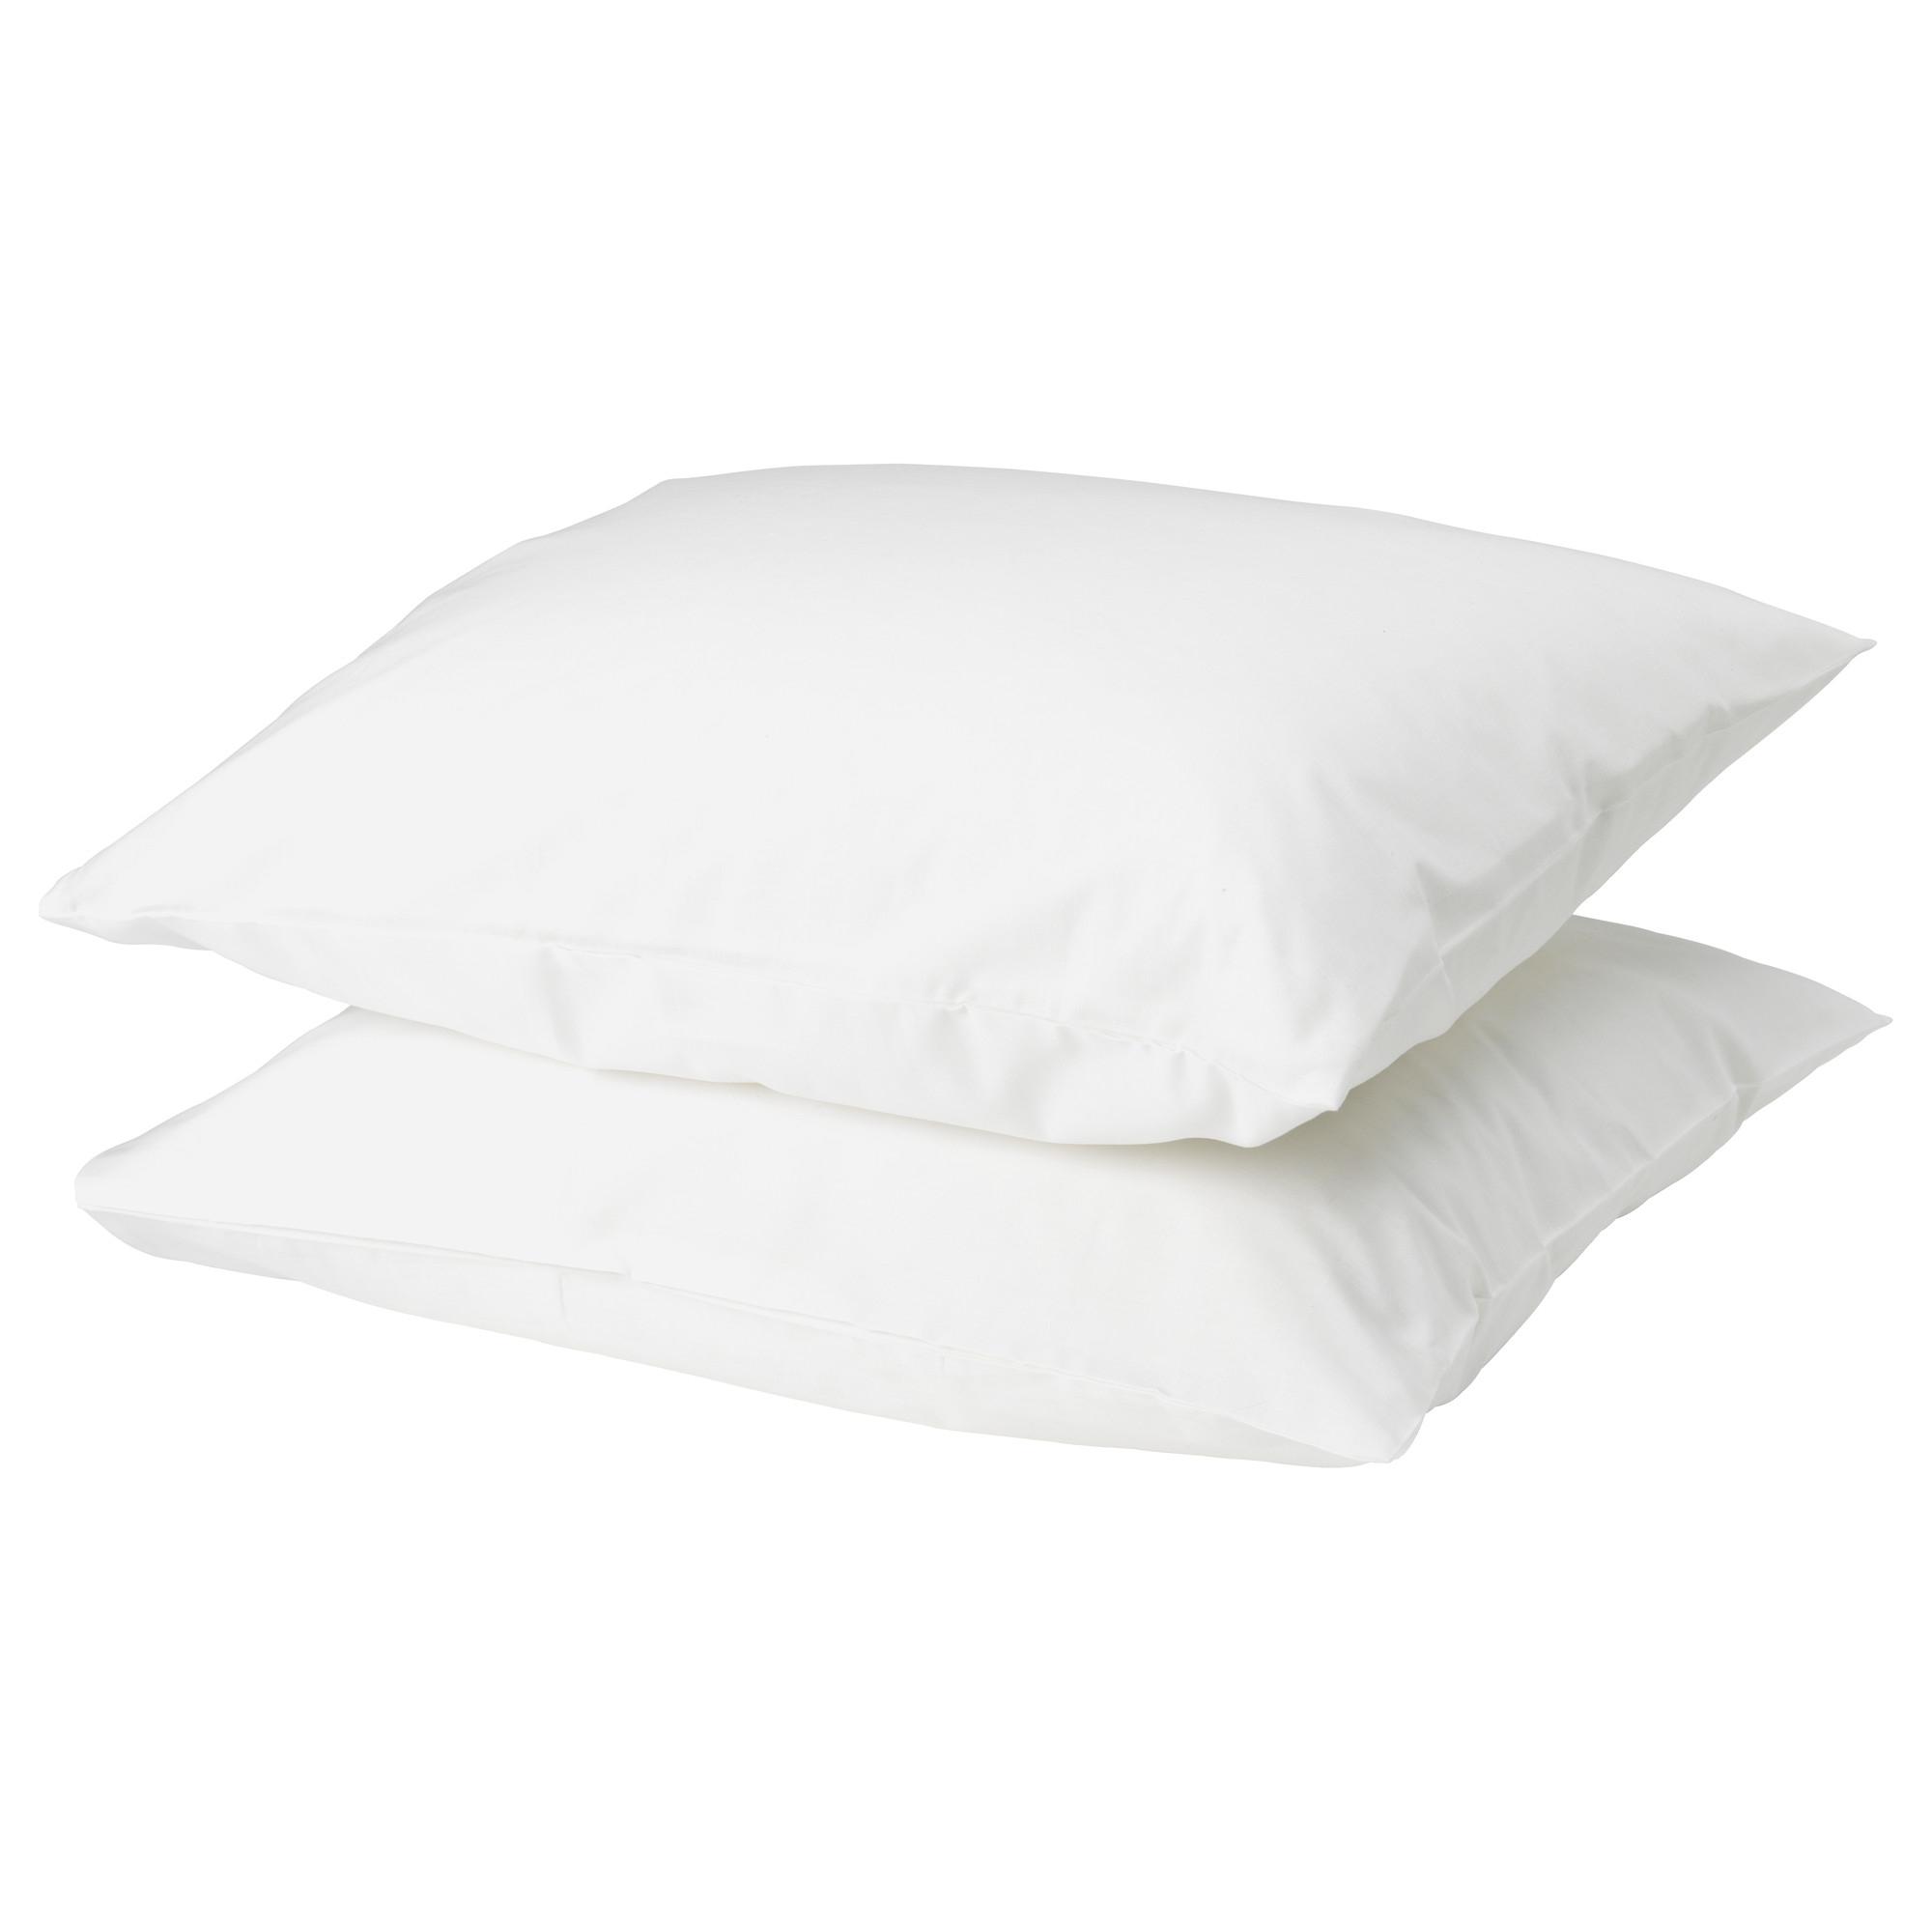 Dvala 50x60 funda para almohada blanco - Almohadas en ikea ...